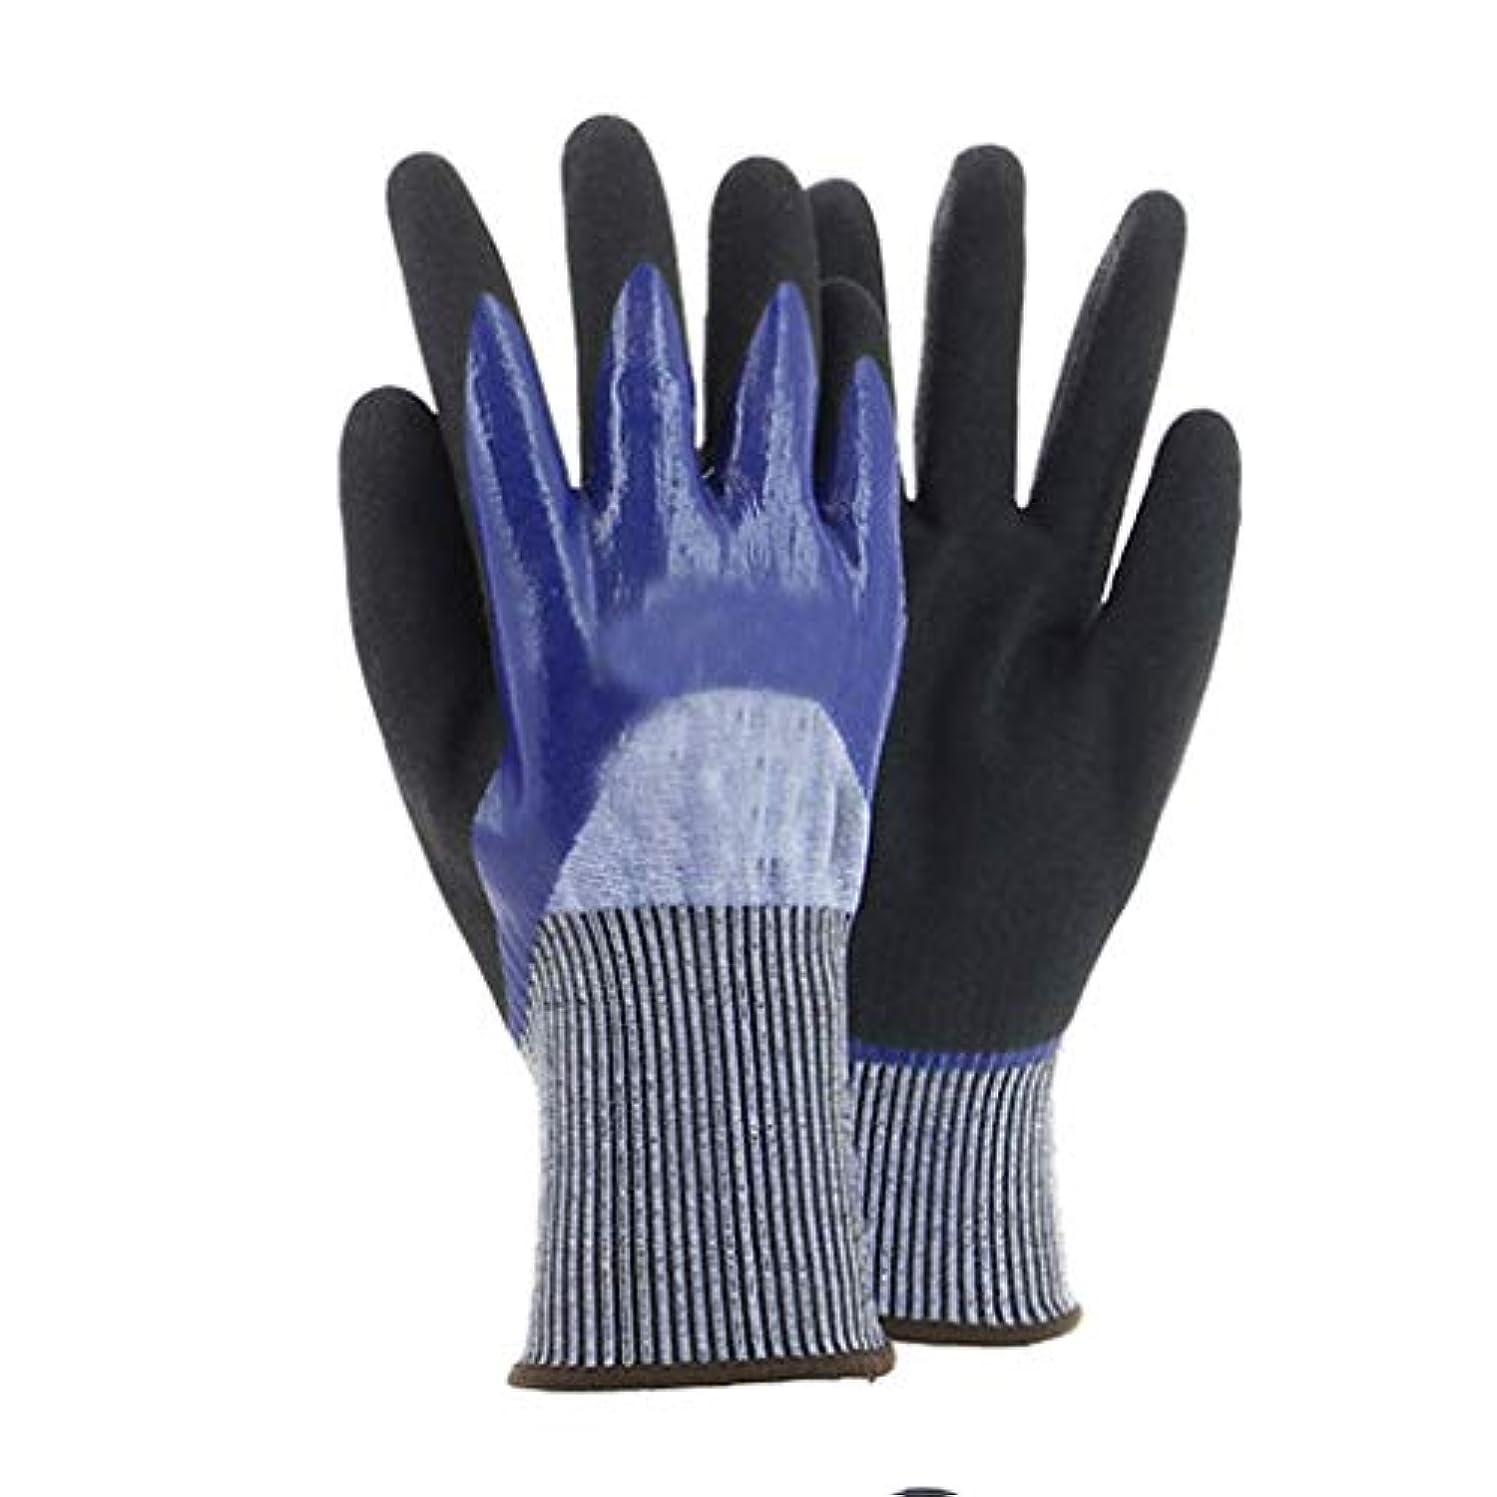 計算小麦粉役員LIUXIN 労働保護手袋カット耐性オイル耐性ニトリルゴム手袋耐摩耗性ブルーマルチサイズオプション ゴム手袋 (Size : L)